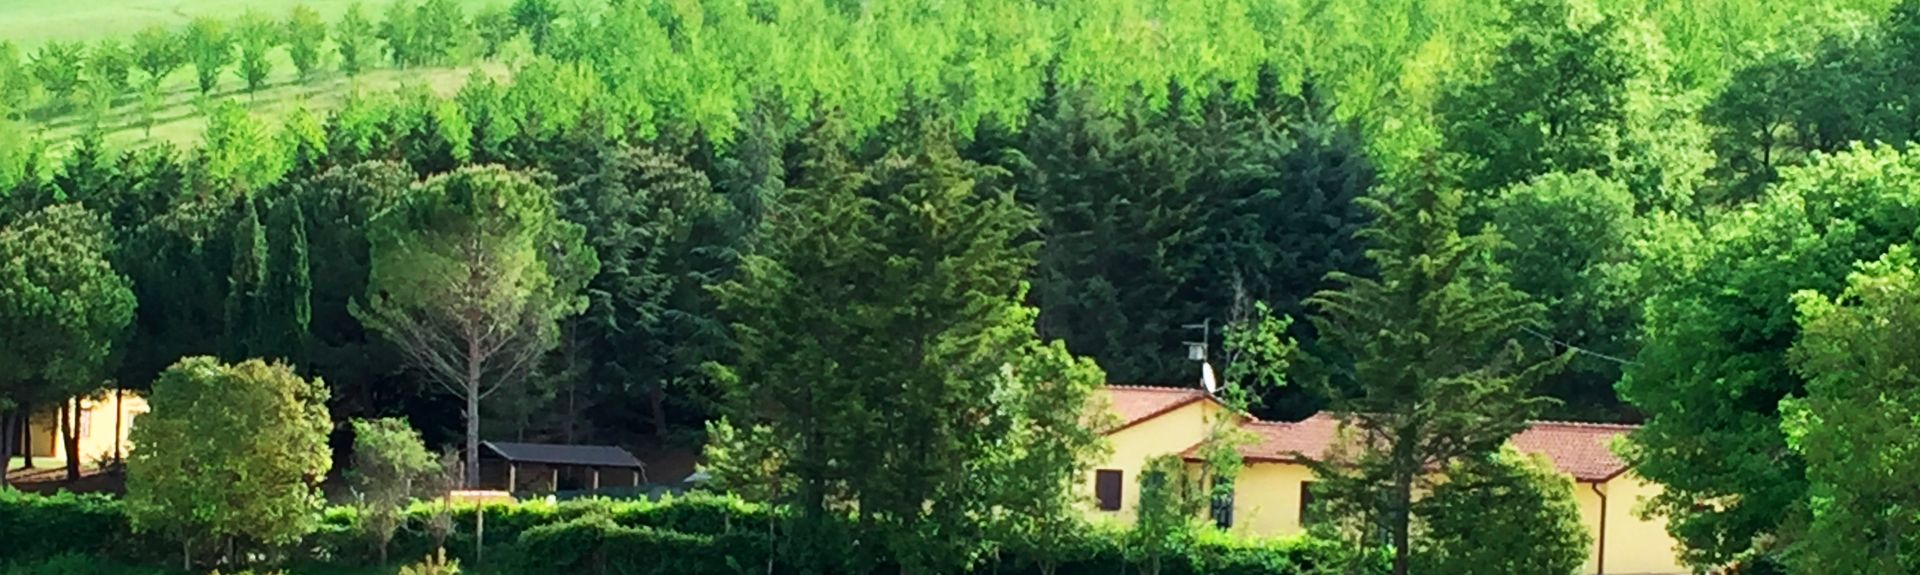 Oratorio dei Pellegrini, Assisi, Ombrie, Italie